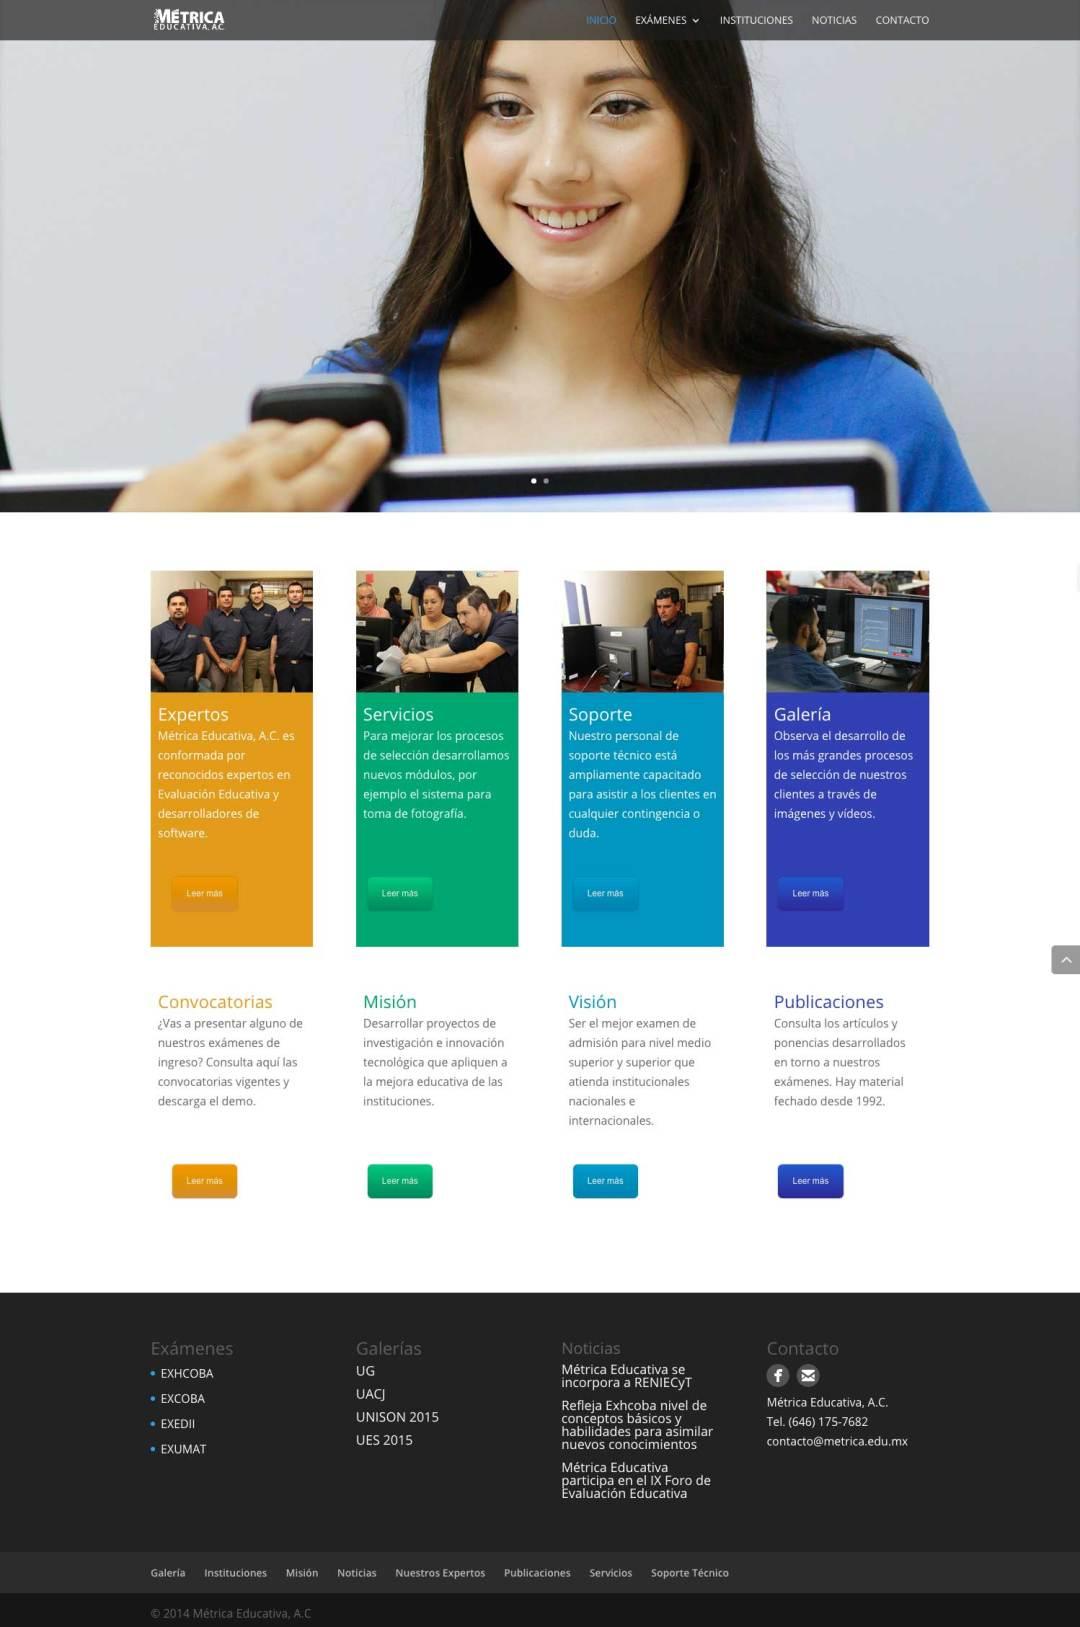 Desarrollo Web de Metrica Educativa por Lalo Marquez